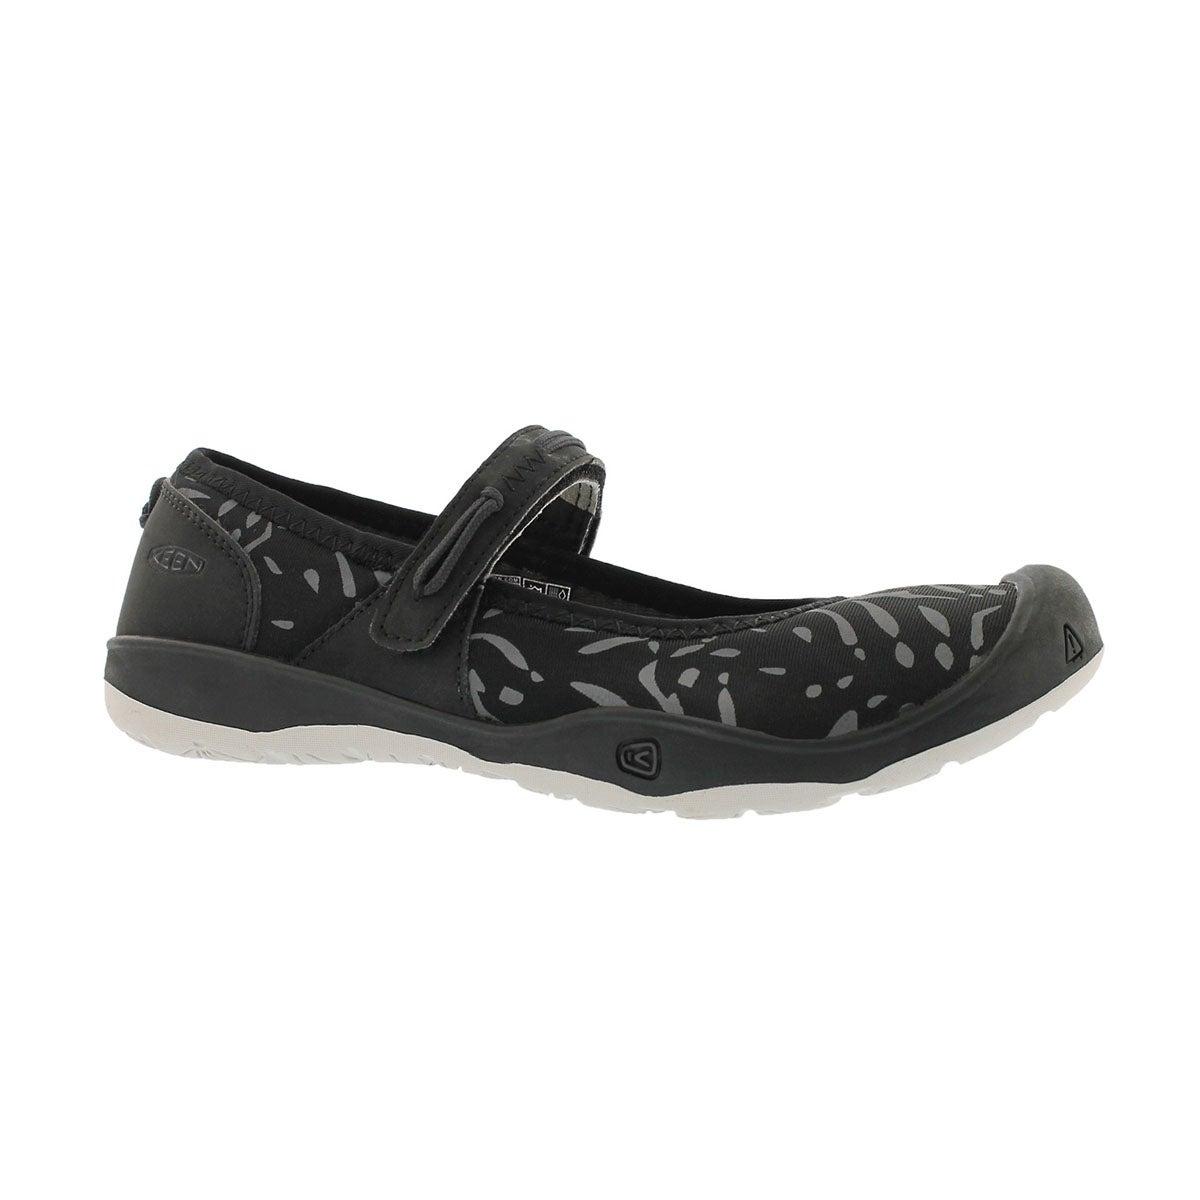 Grls Moxie black/vapor casual mary jane